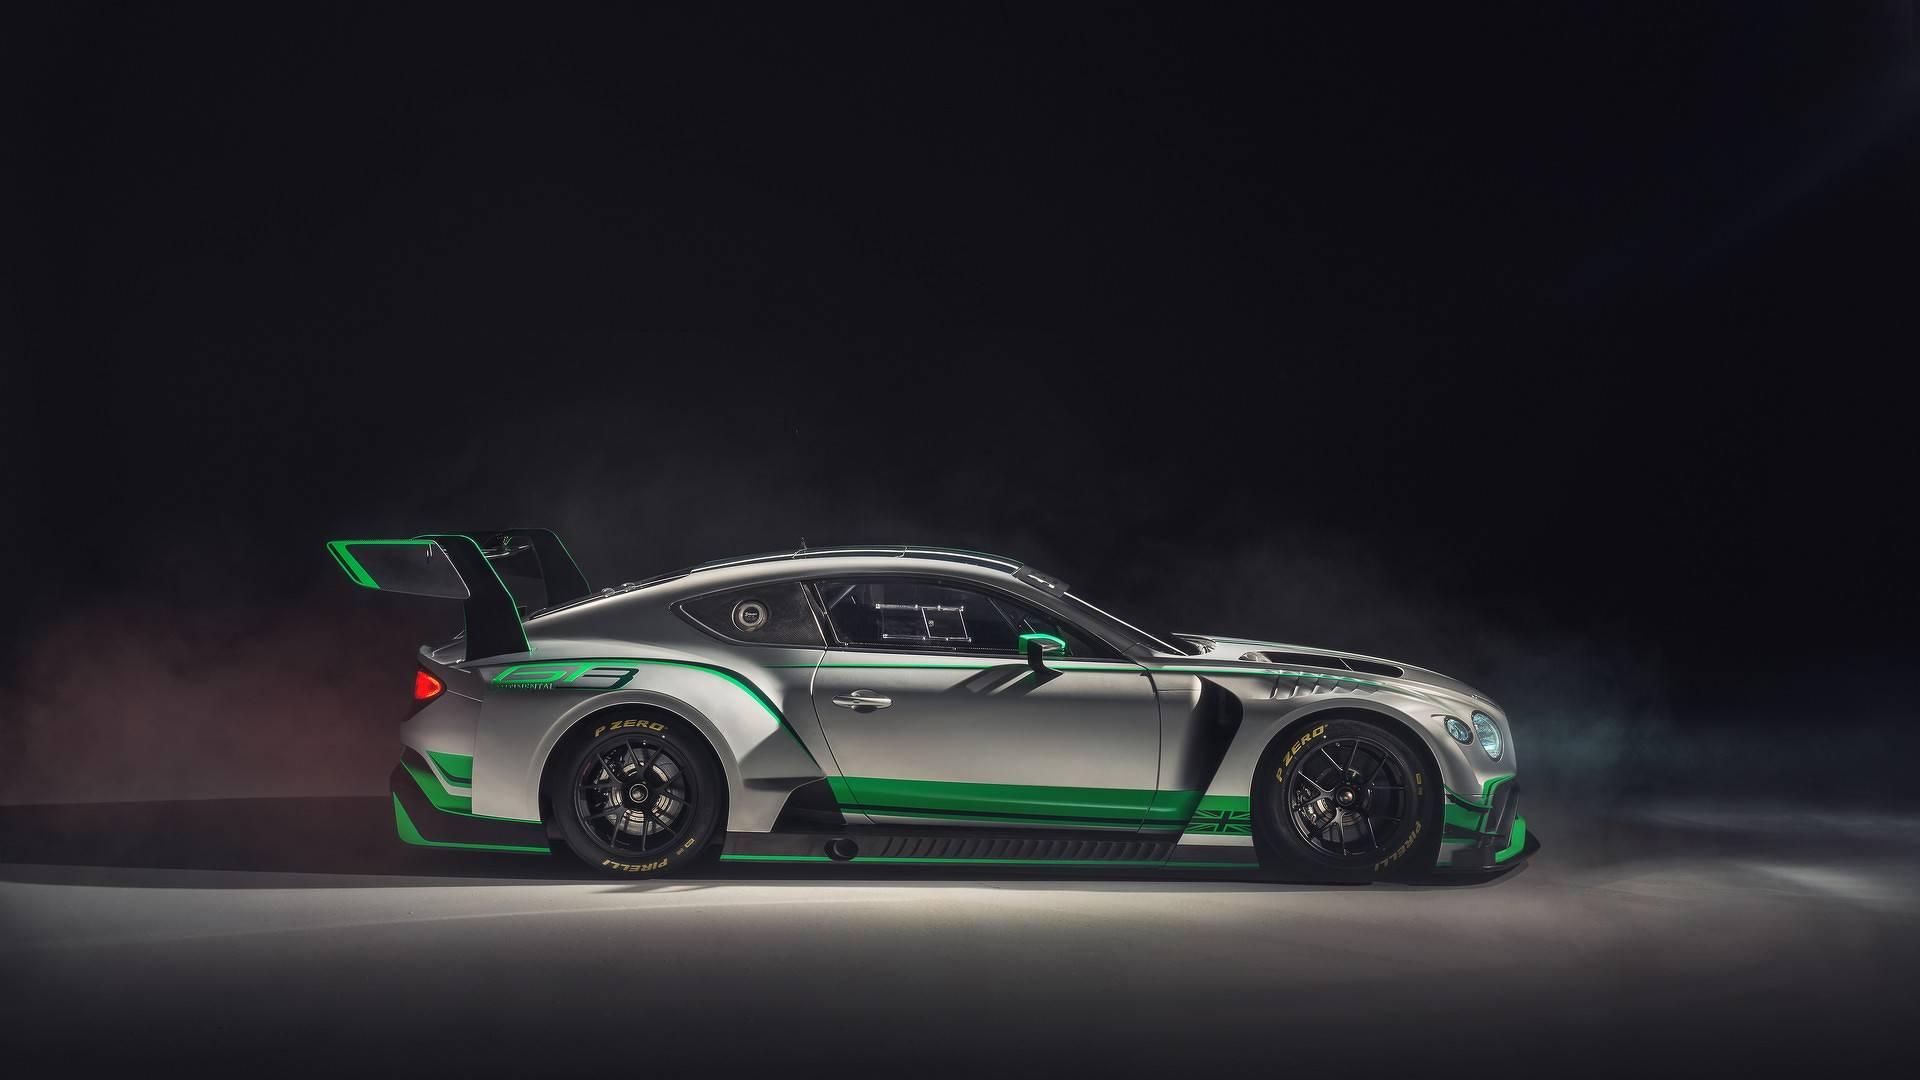 Permalink to Bentley Gt3 Race Car 2018